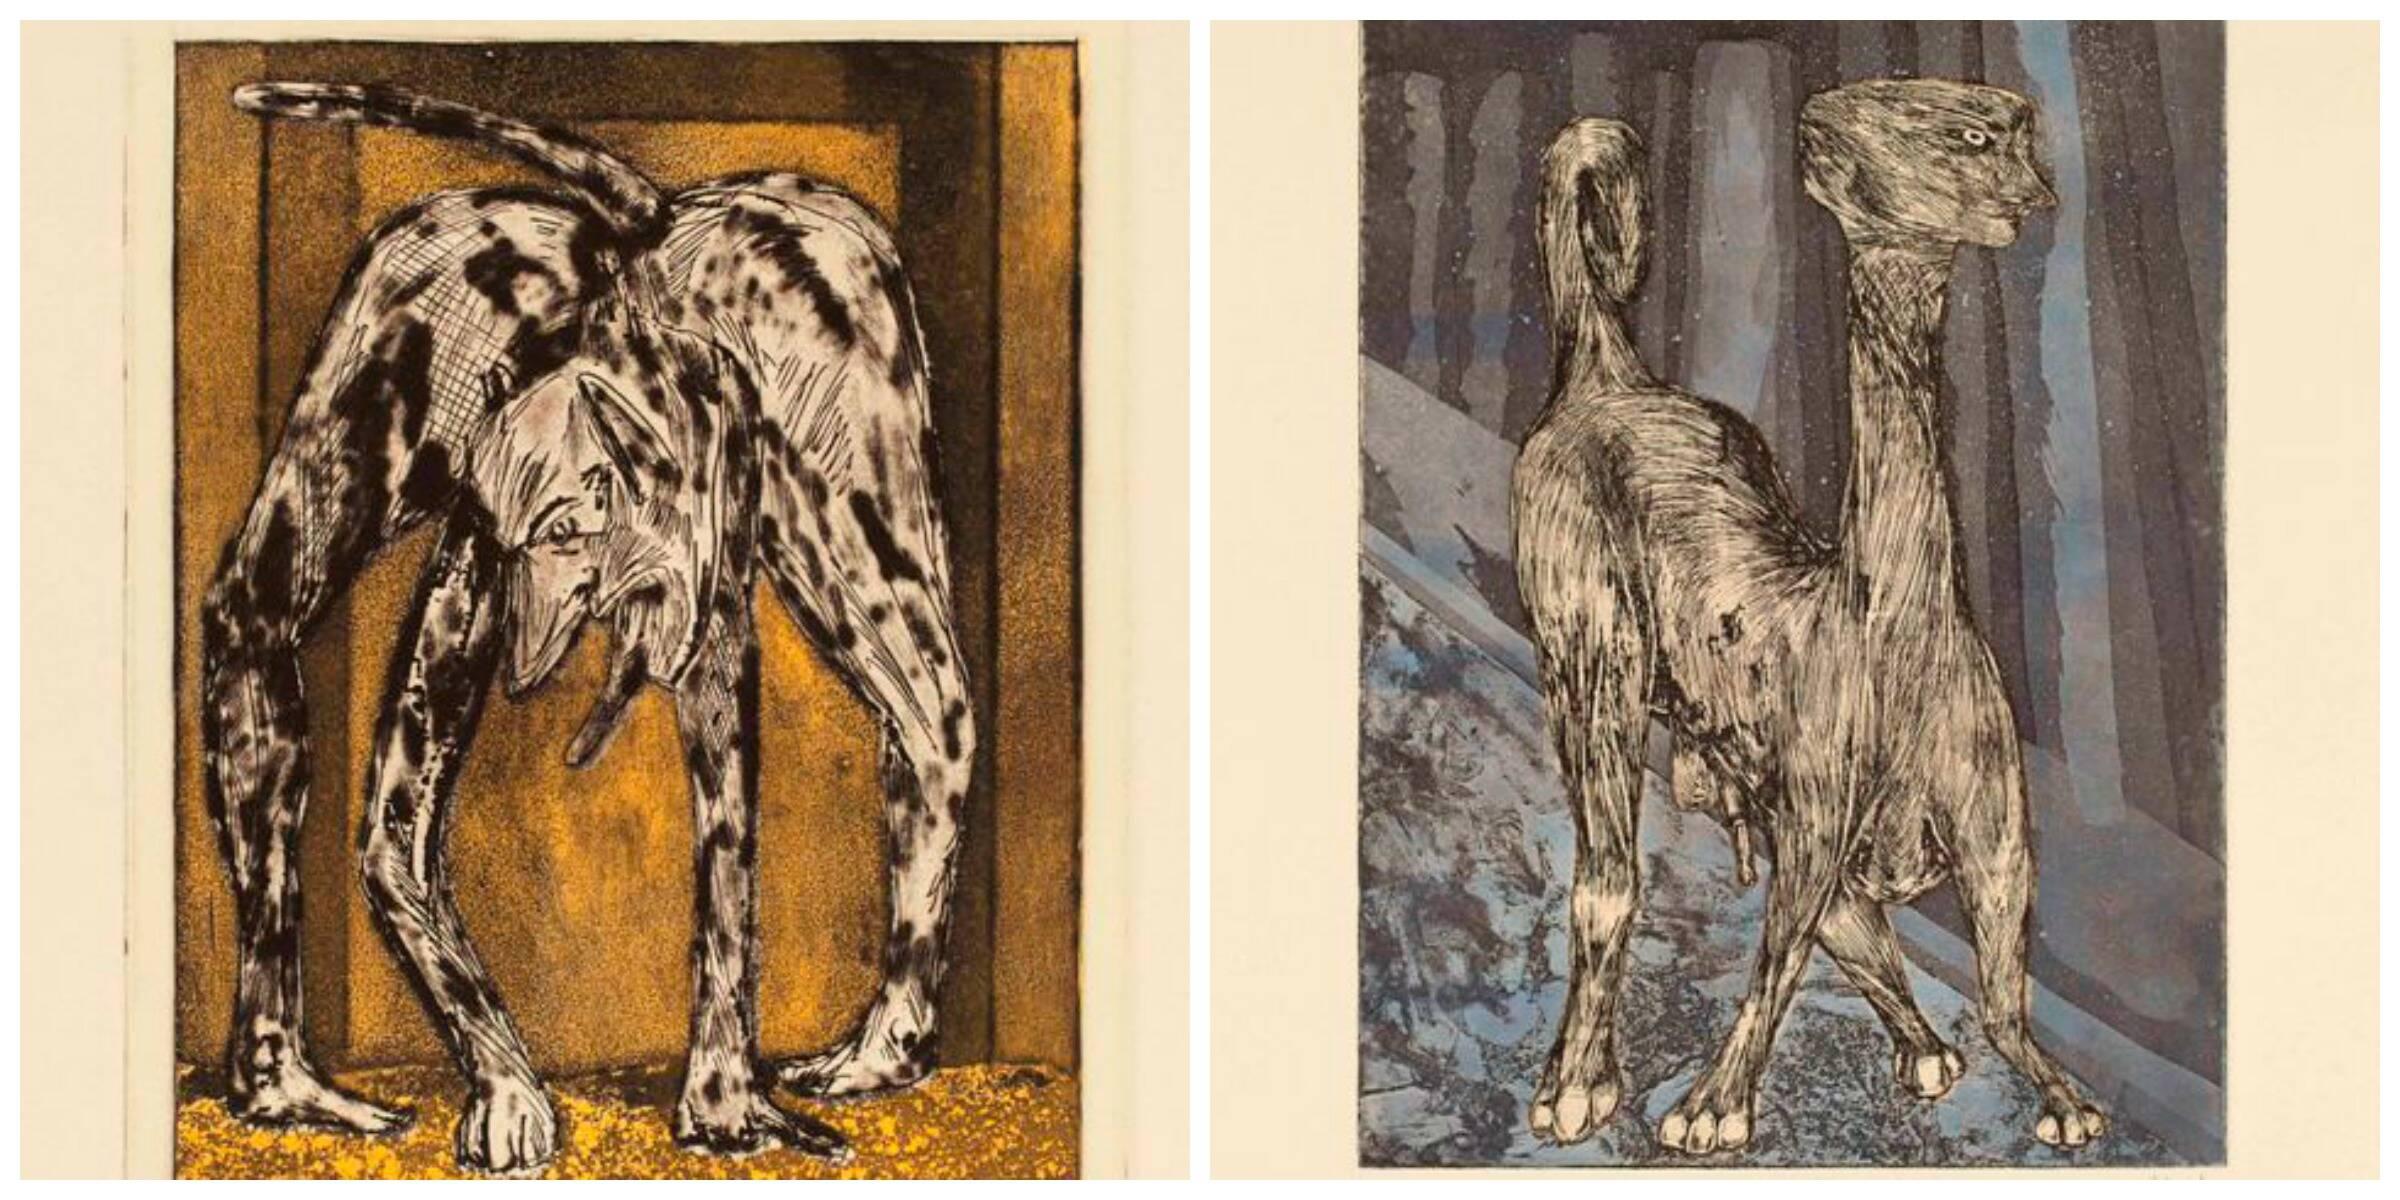 À esquerda, uma das gravuras da série Goldman; ao lado, o trabalho intitulado Young Wasp Out Looking for Trouble / Fotos: divulgação